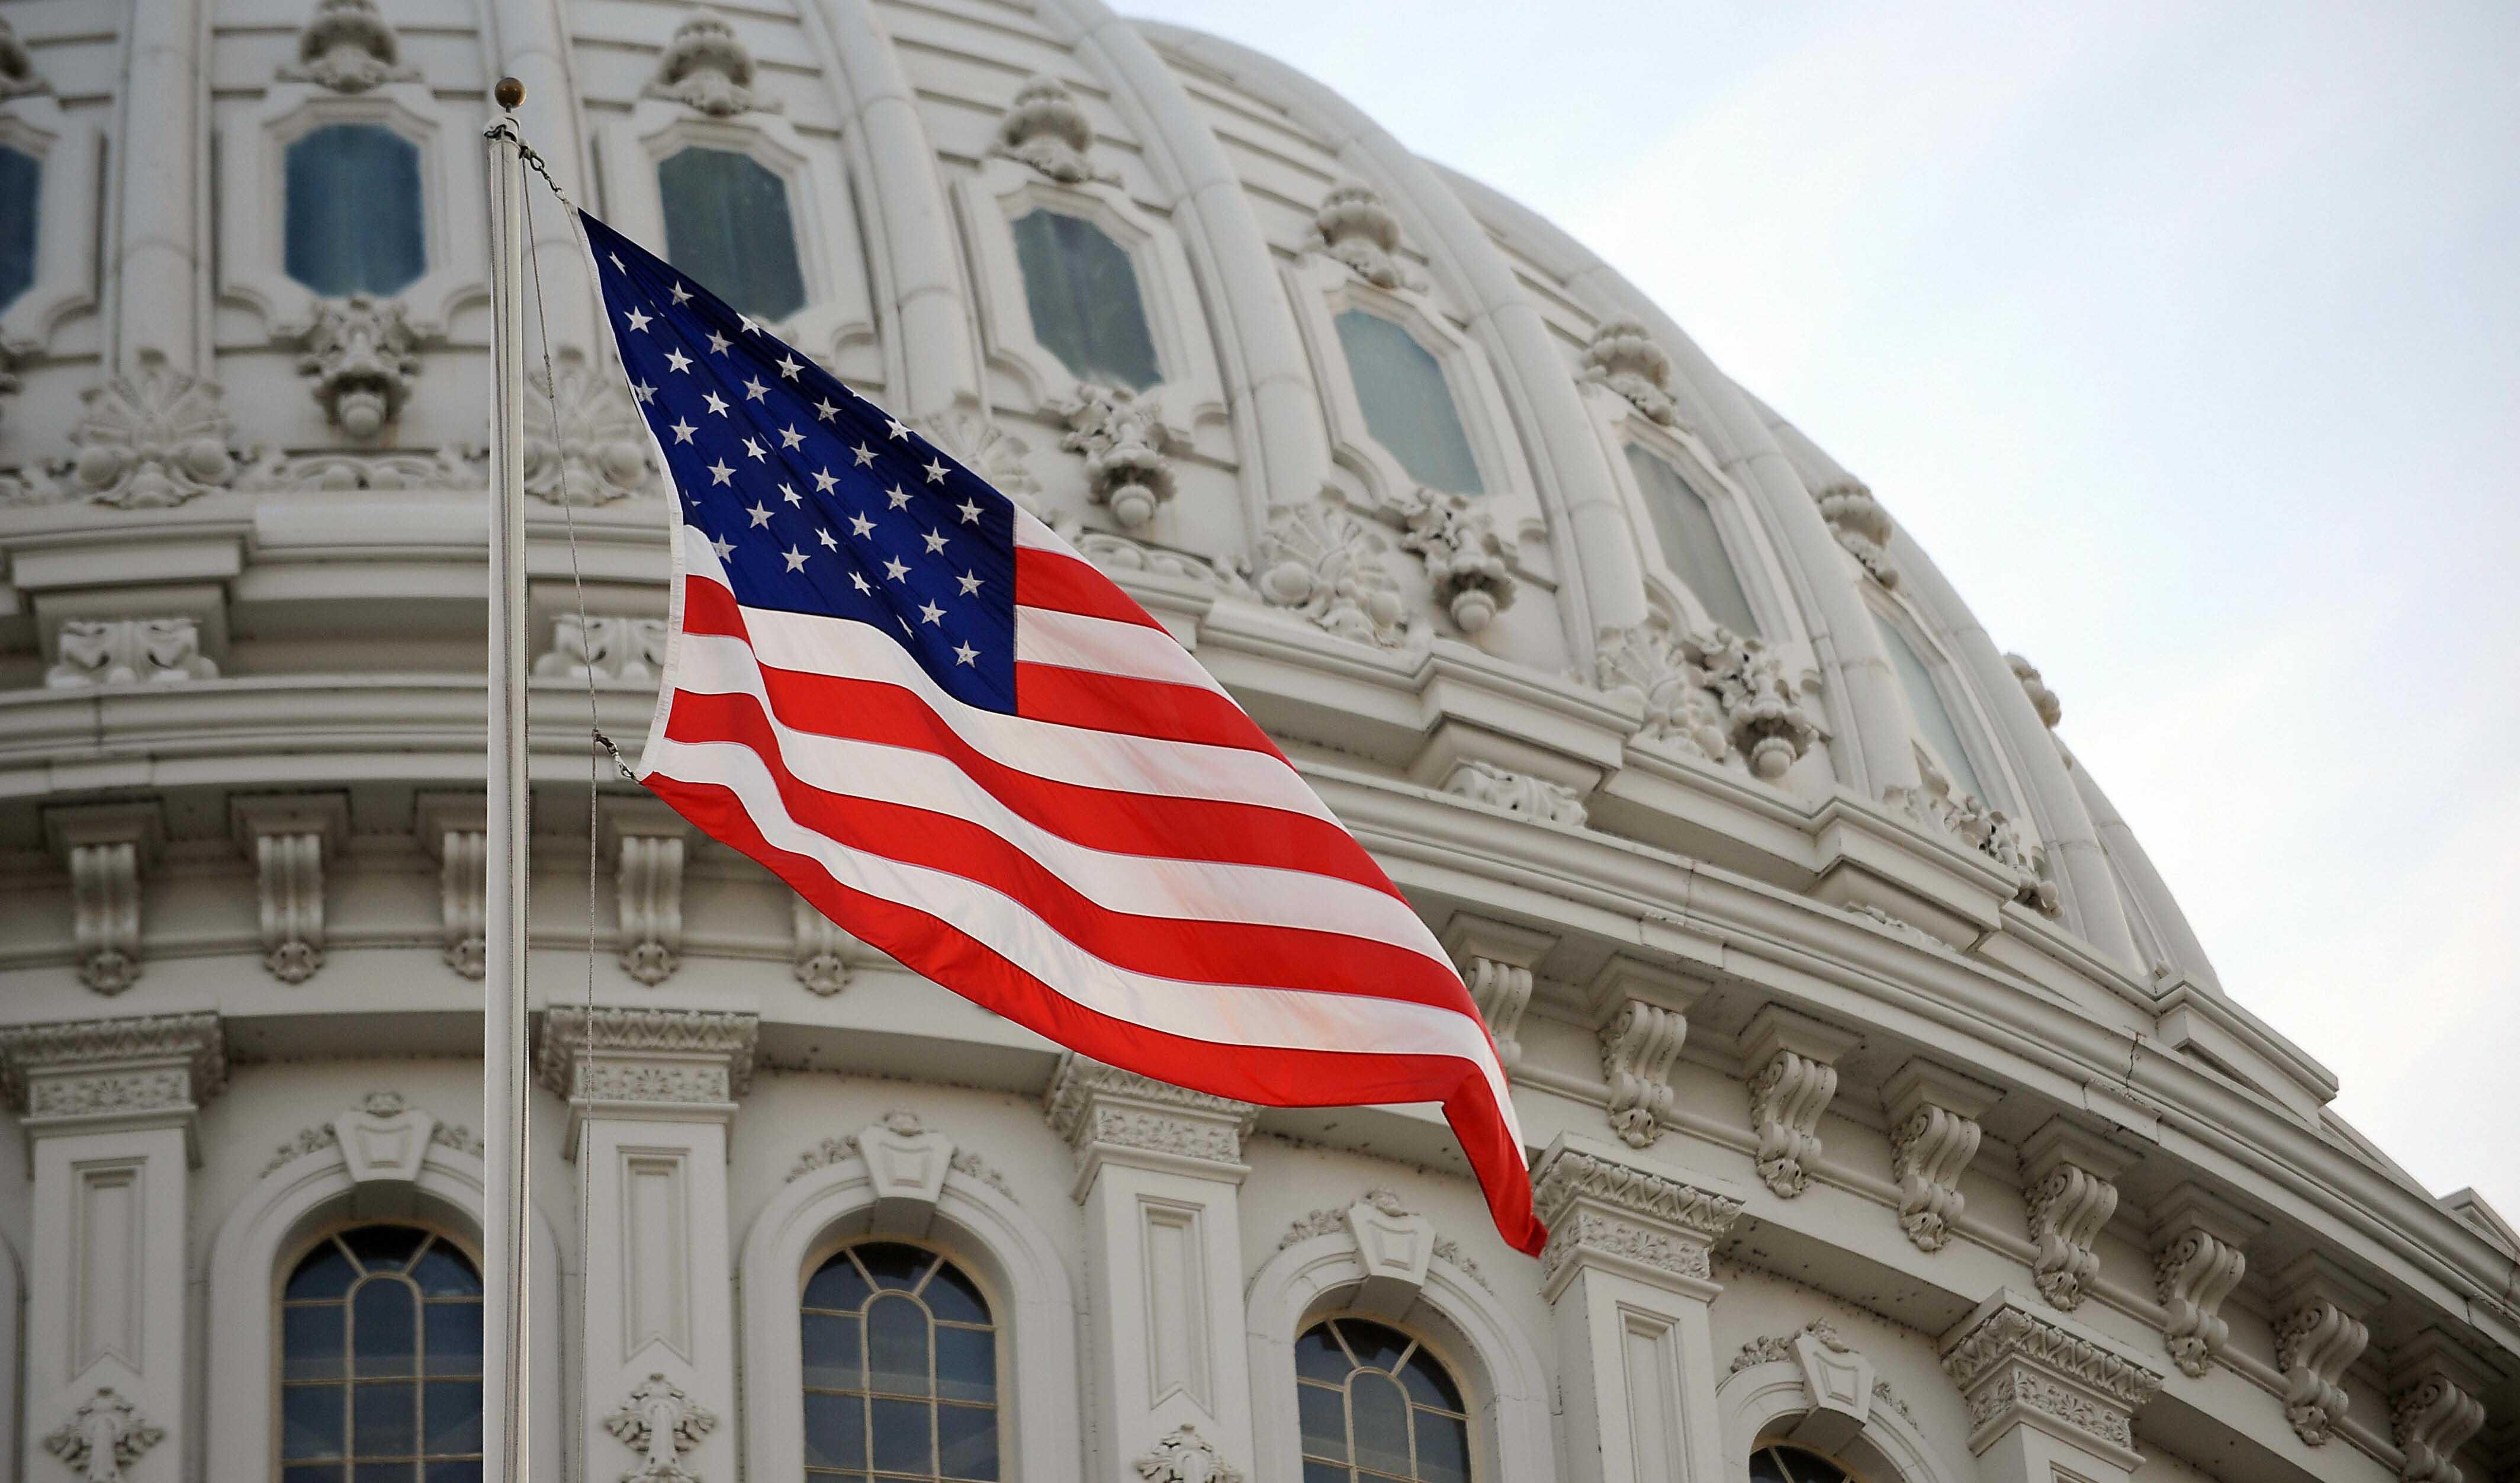 فروش رکوردشکن اوراق ۱۰ ساله وزارت خزانهداری آمریکا